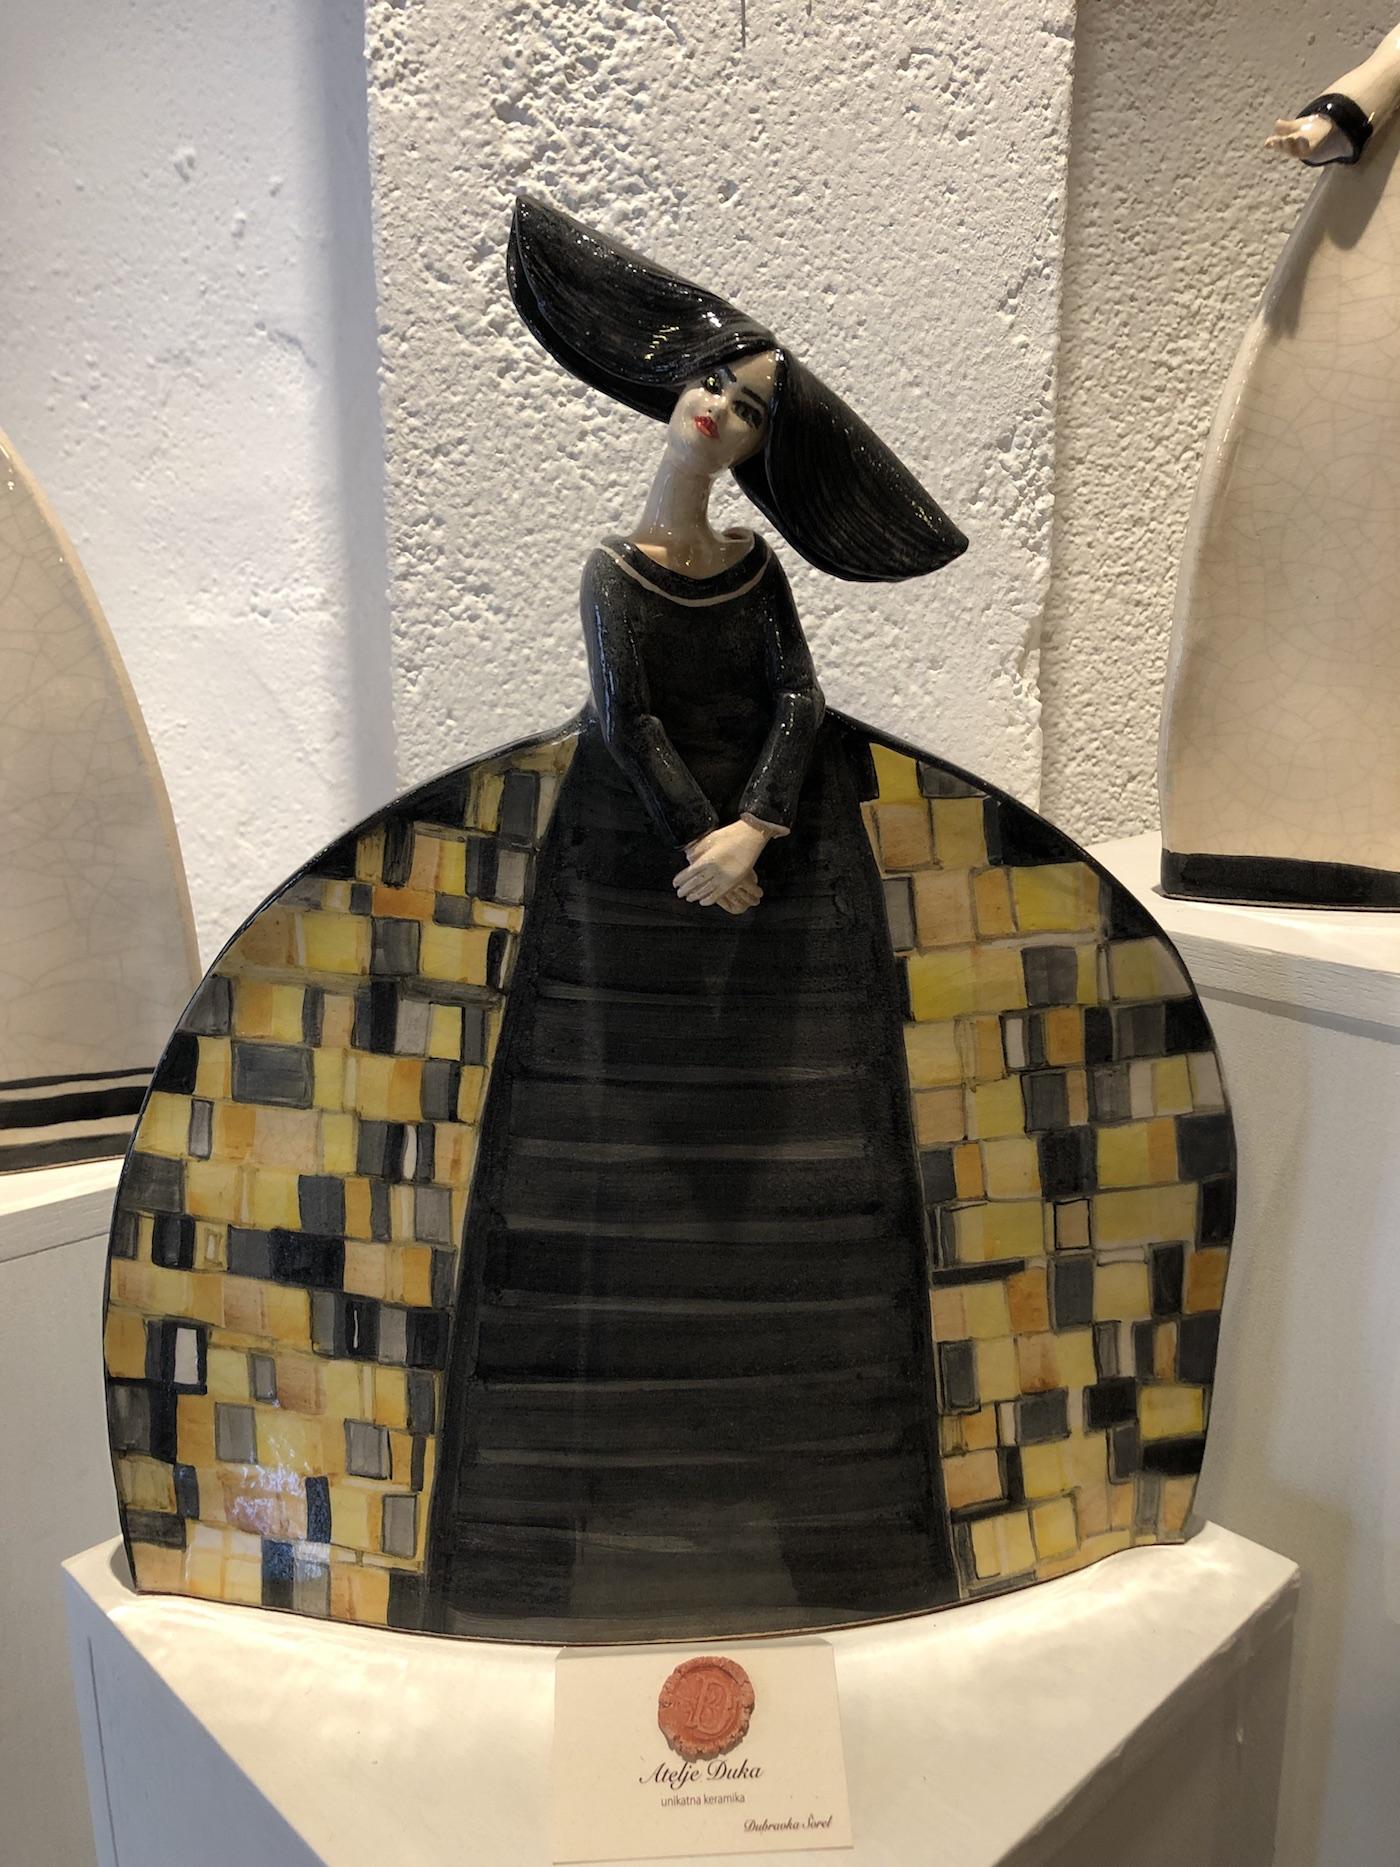 Una donnina di cermaica creata nel laboratorio artistico Atelje Duka